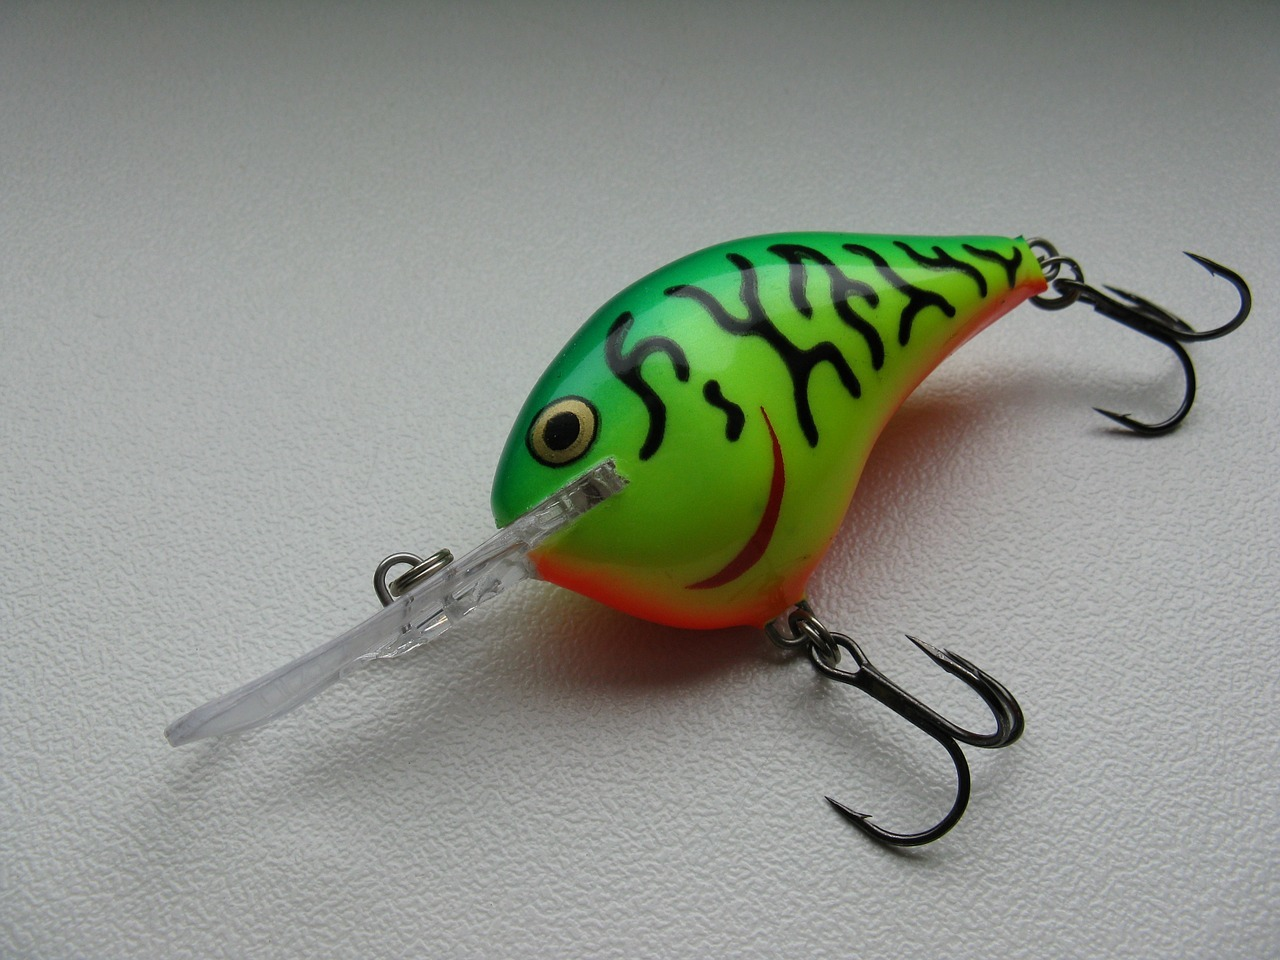 ジグパラスピンの使い方は?釣れるルアーのインプレと動かし方をご紹介!